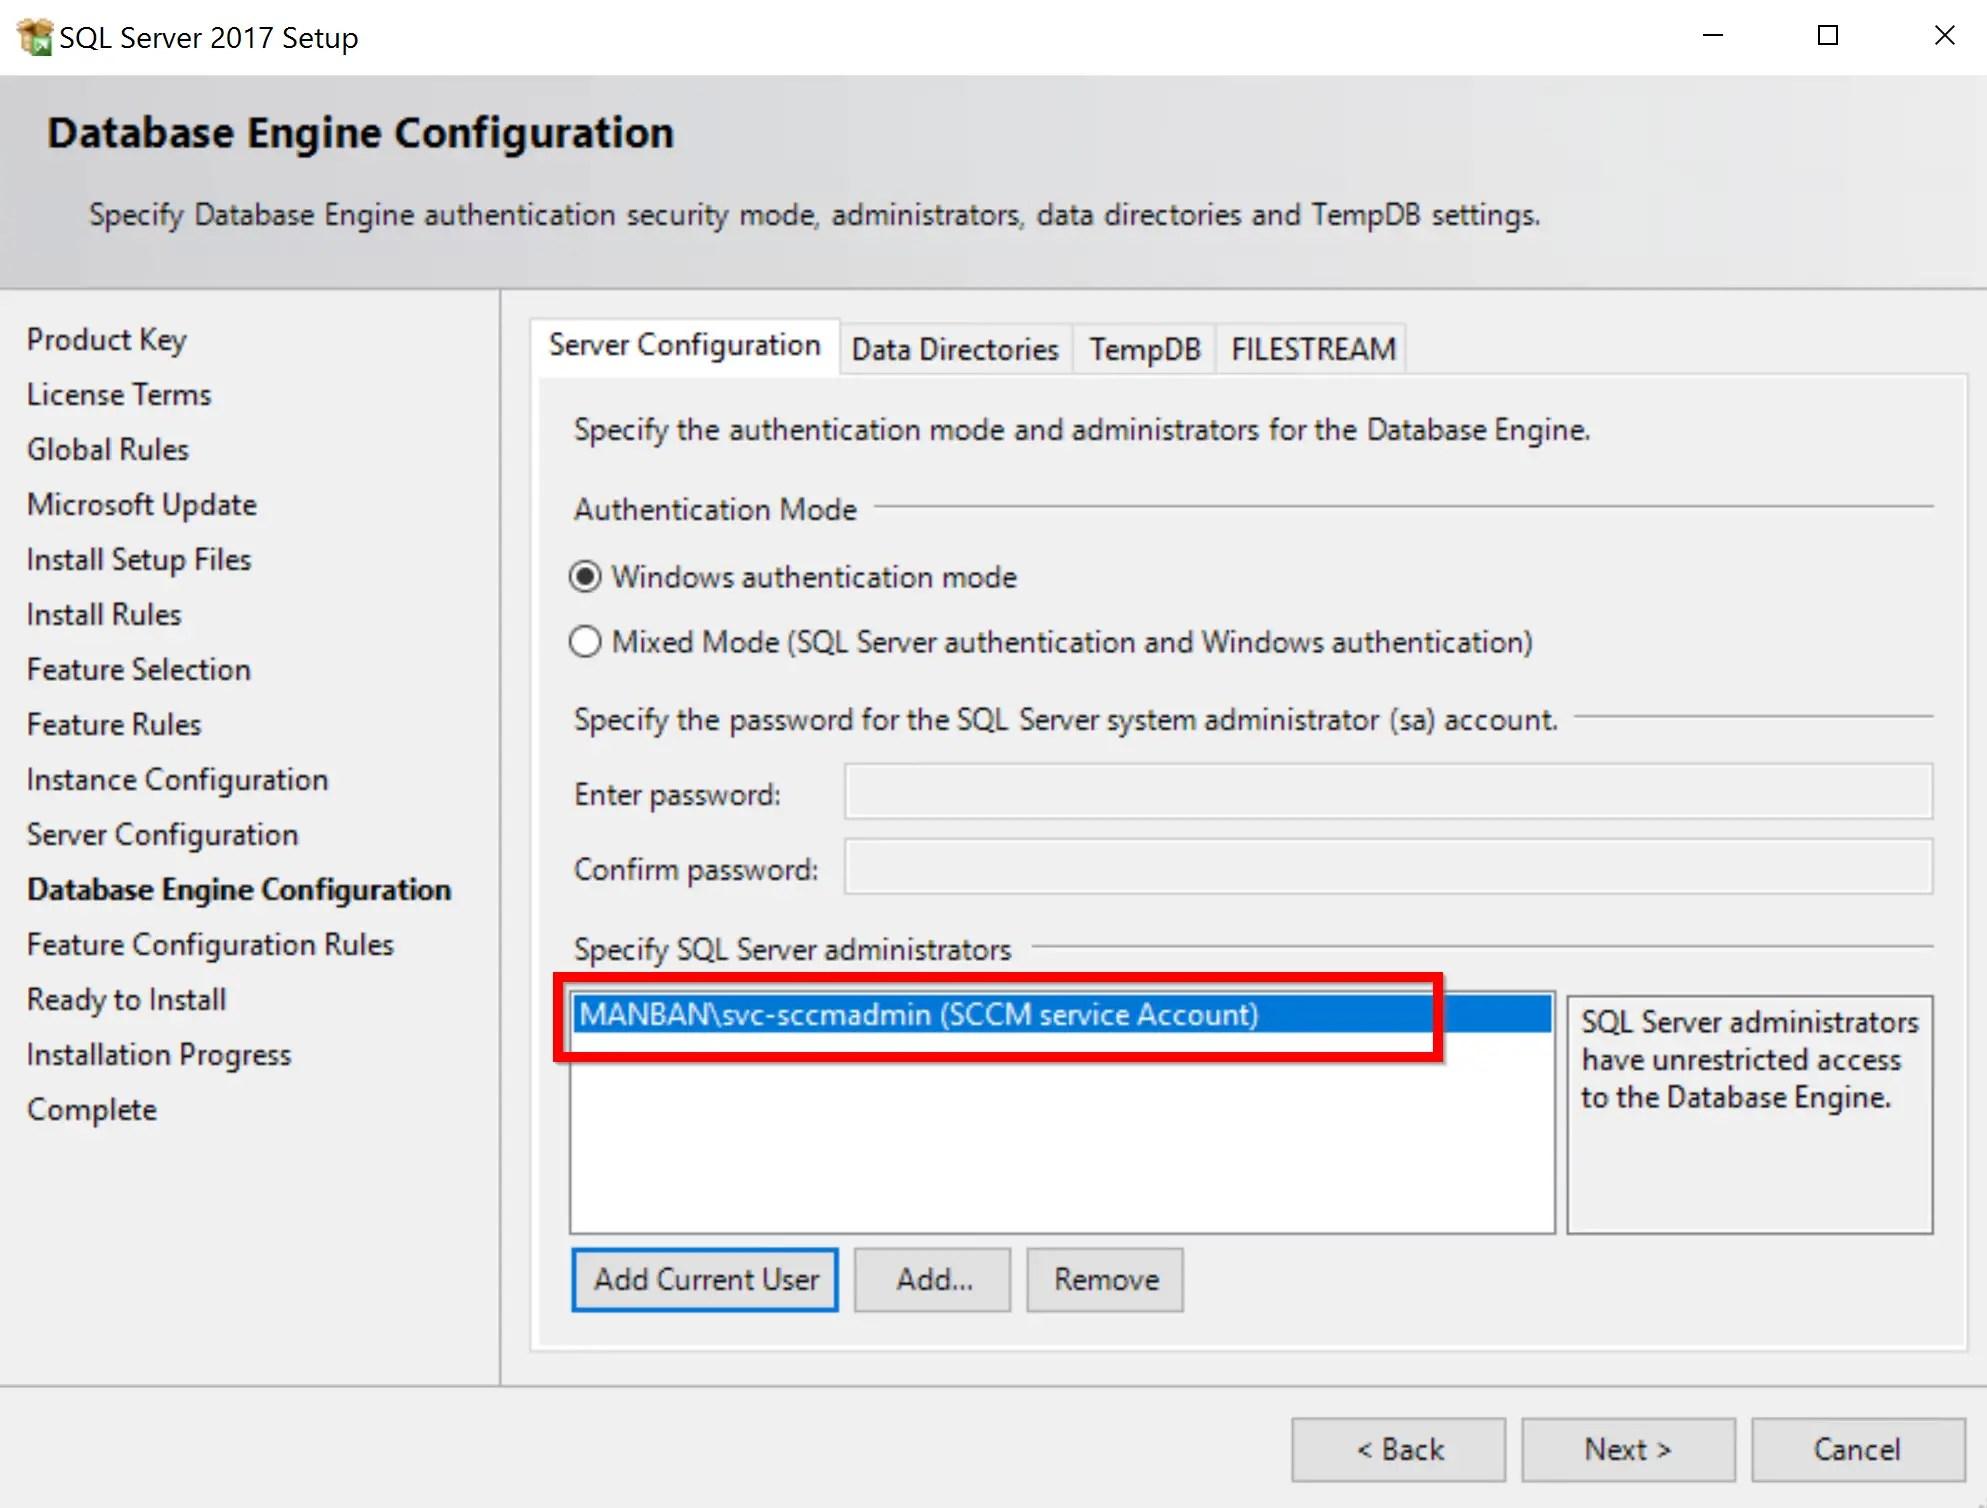 SQL Server 2017 Step by step for SCCM Installation 11